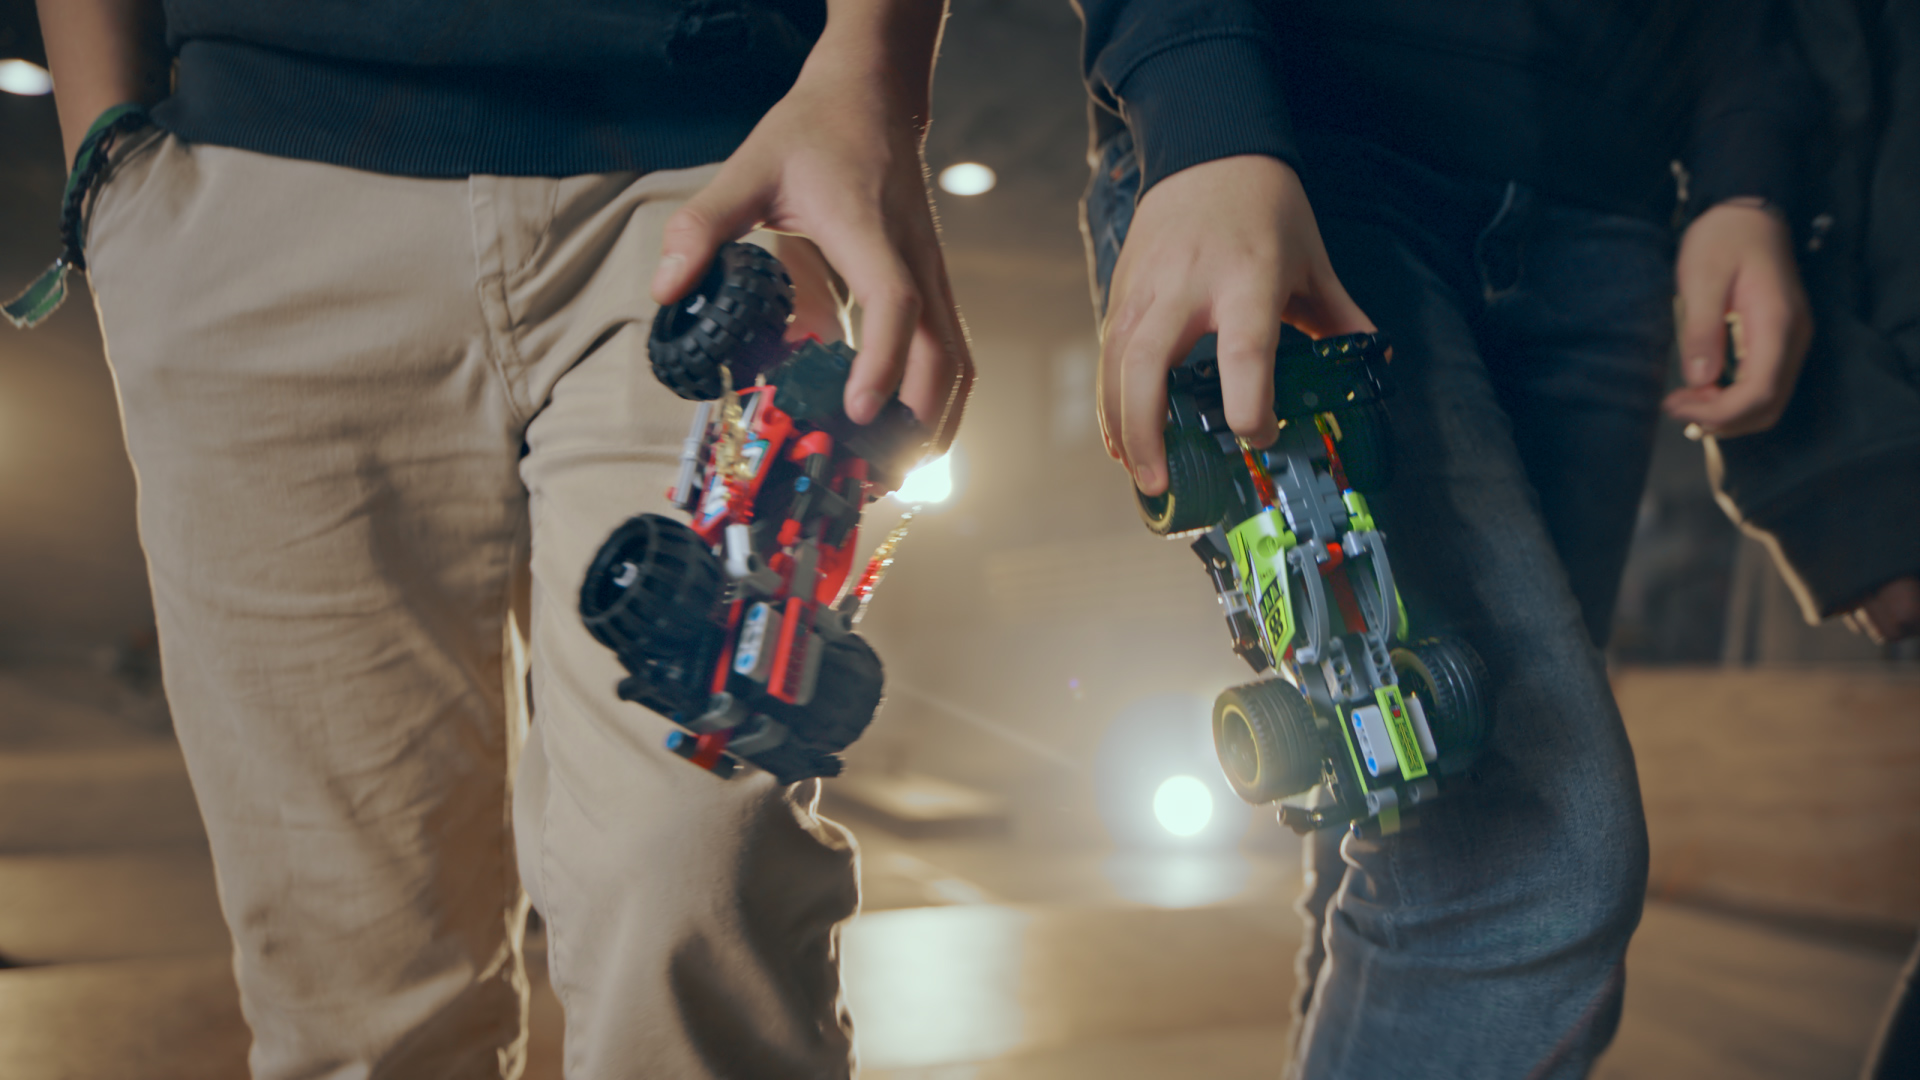 LEGO_Technic_PullBack_1HY18_IN_20s_50618.mov.00_00_02_09.Still001